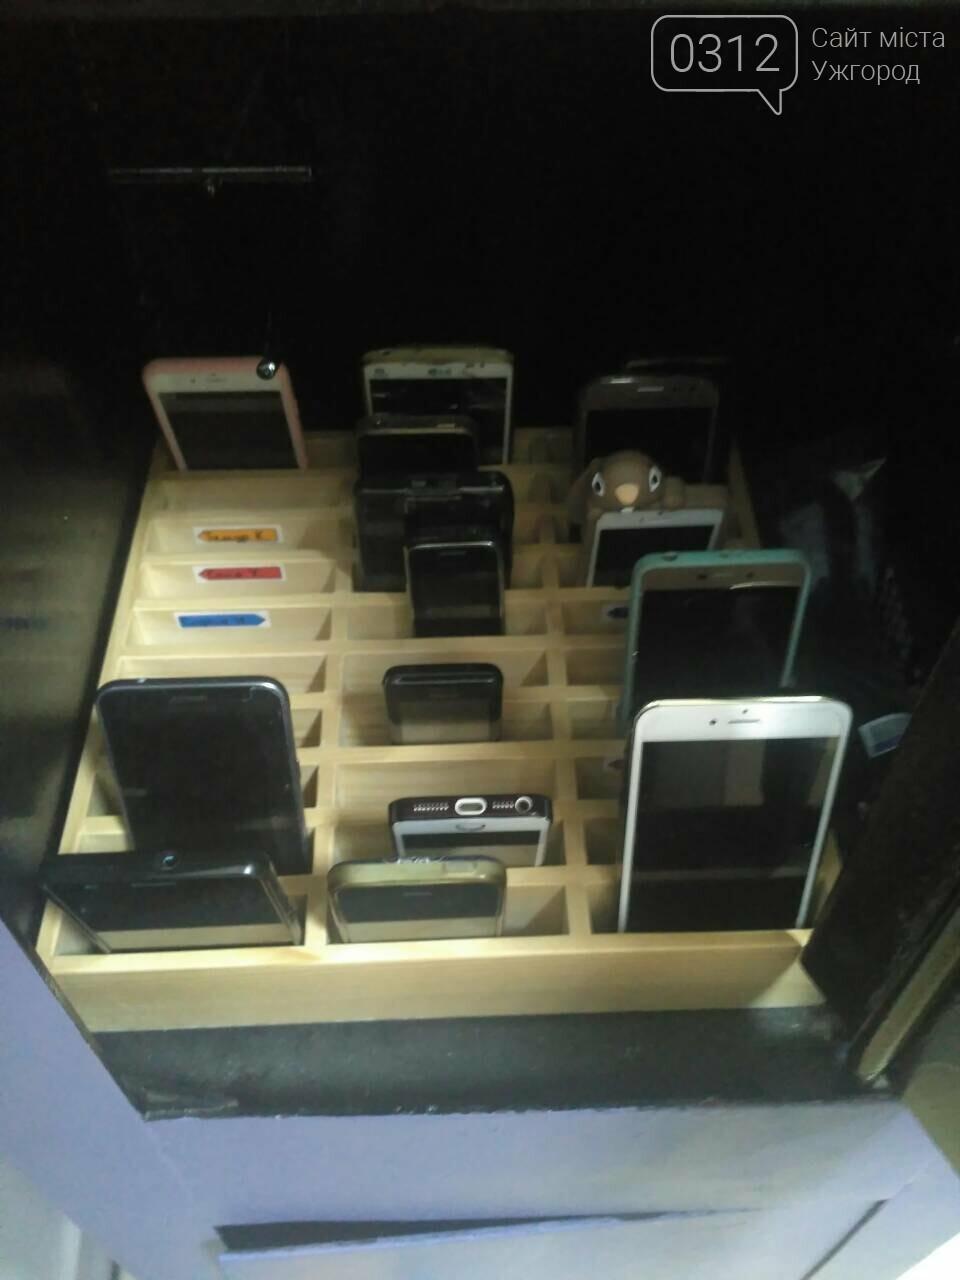 Експеримент триває: в ужгородській ЗОШ №3 телефони учнів ховають у сейф (ФОТО), фото-2